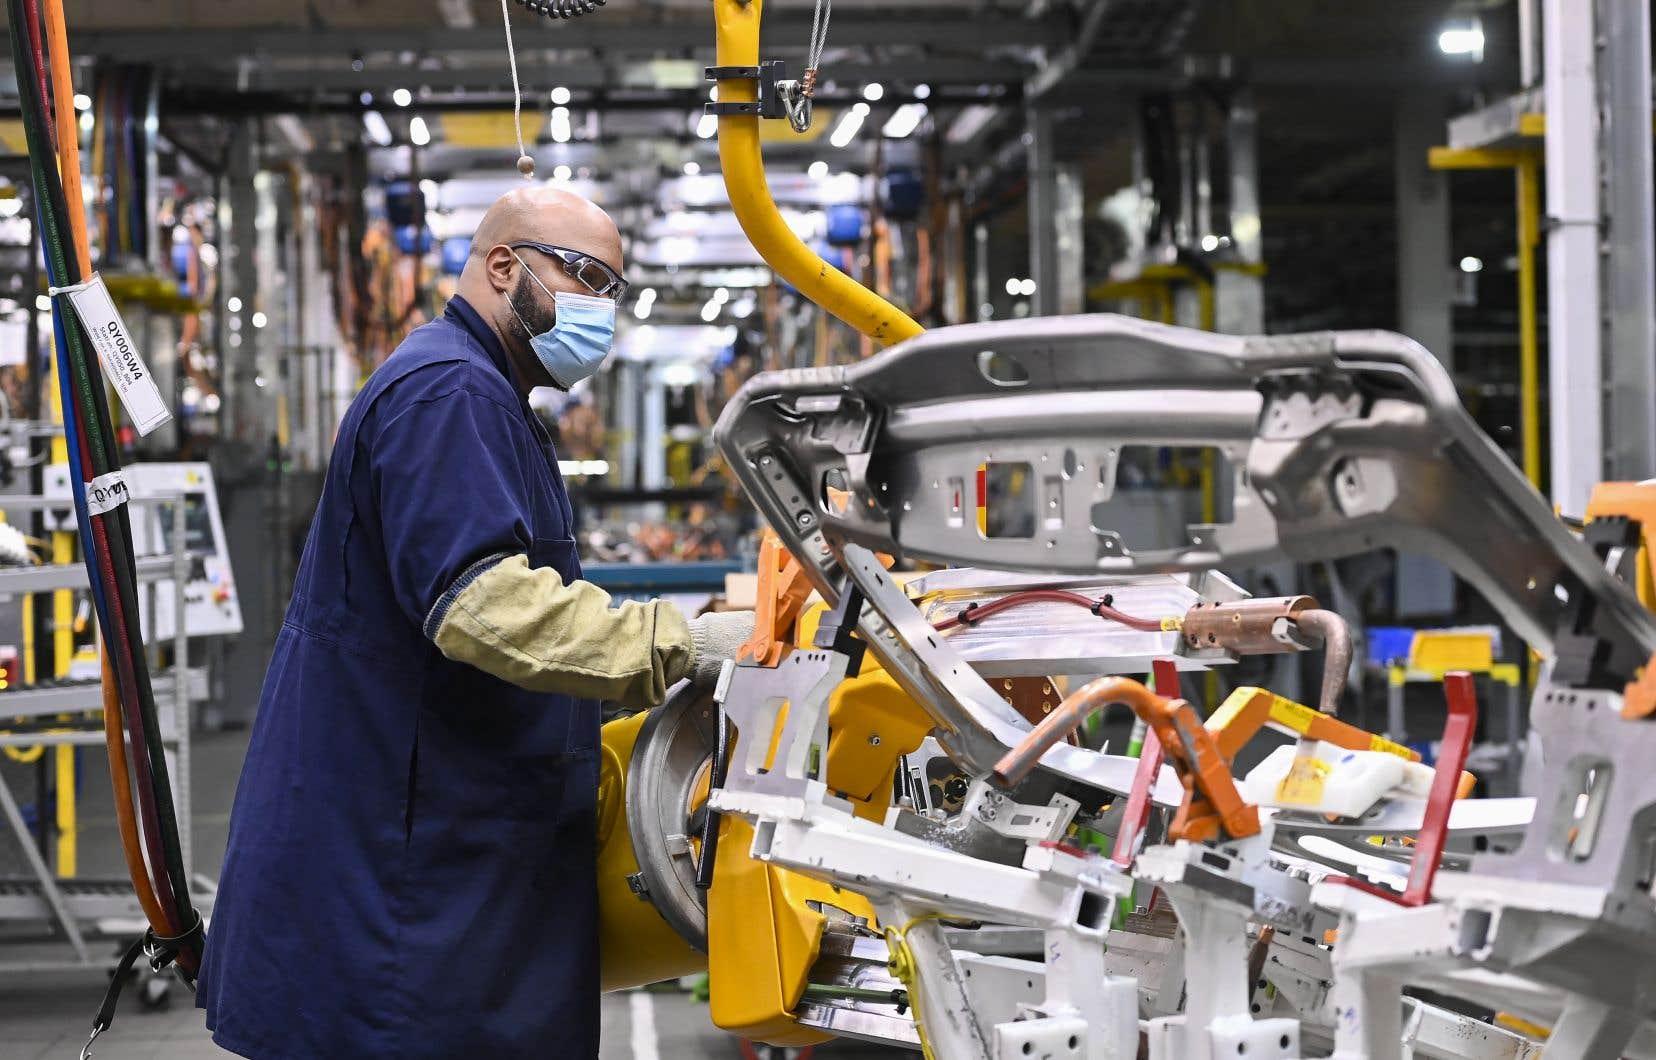 La hausse d'emplois, qui a été observée en septembre, est principalement venue du secteur des services, mais aussi de l'industrie de la fabrication.